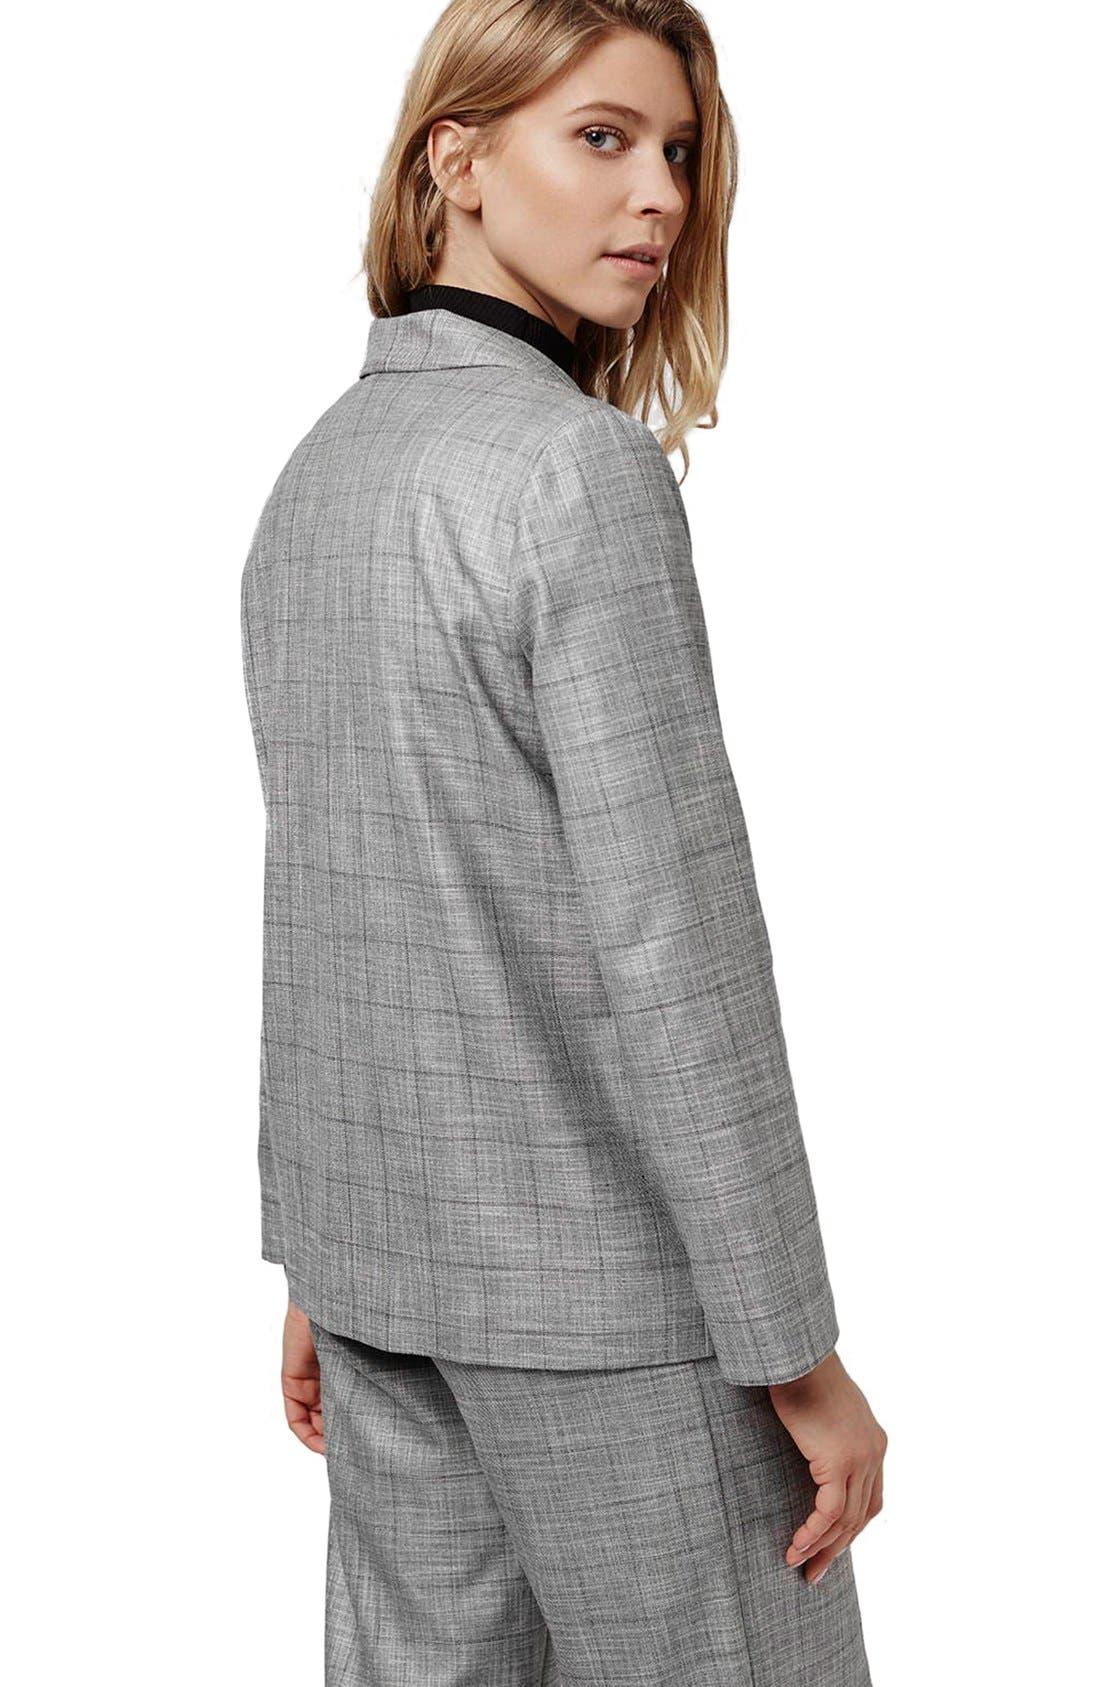 TOPSHOP,                             'Check Tonic' One-Button Suit Blazer,                             Alternate thumbnail 5, color,                             020